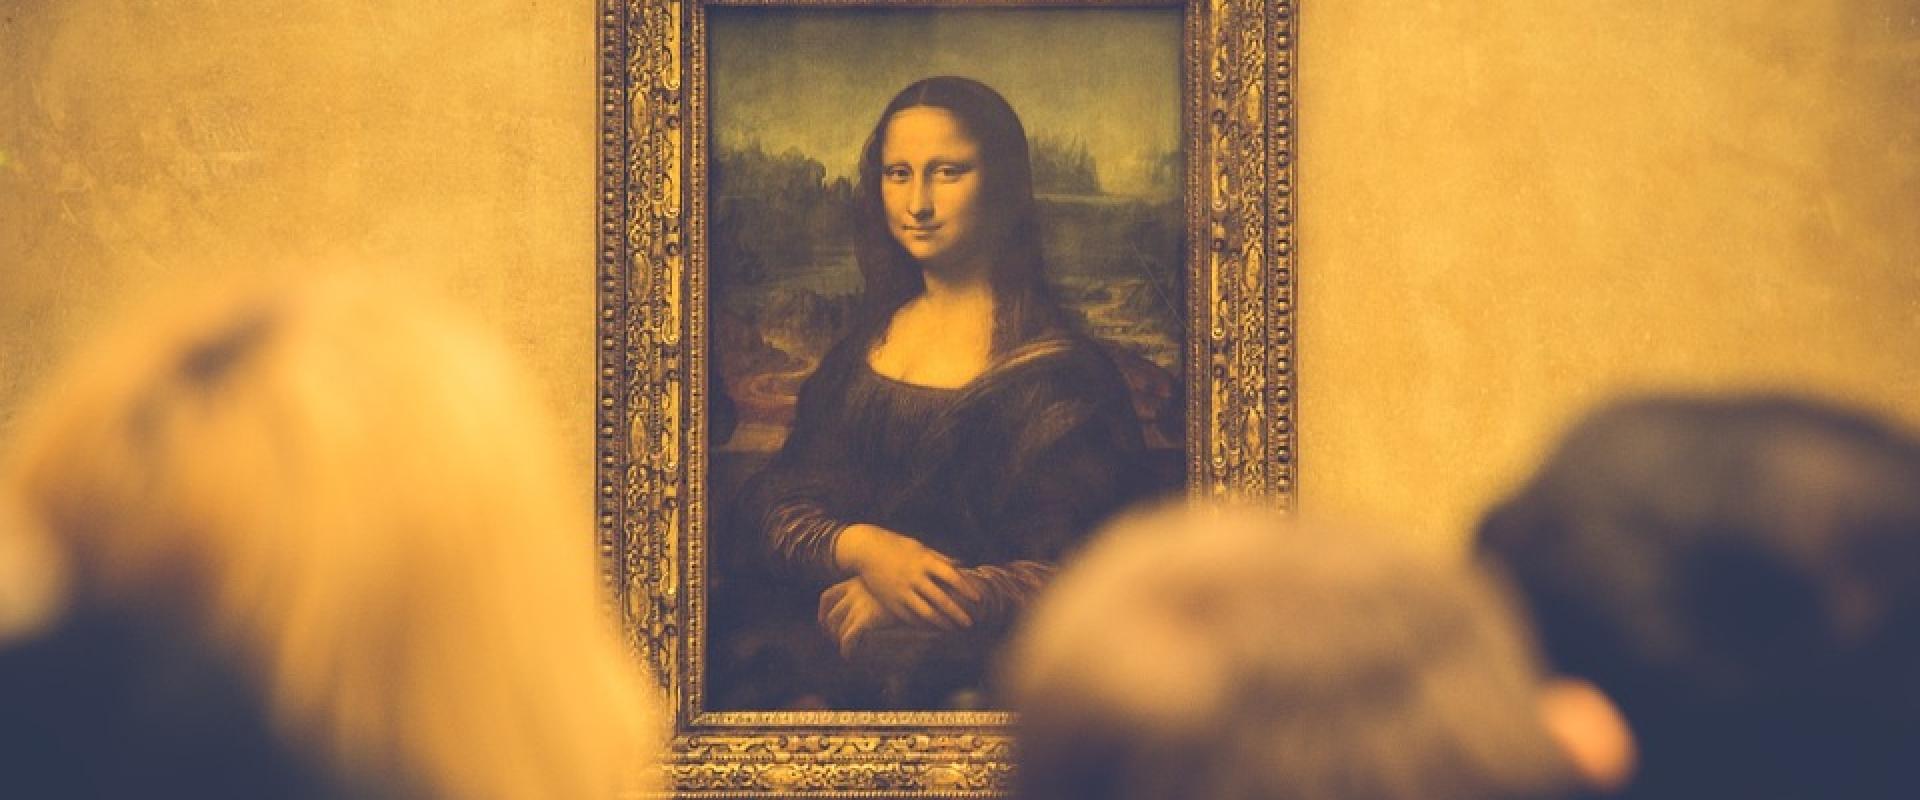 Οι Ντετέκτιβ της Τέχνης